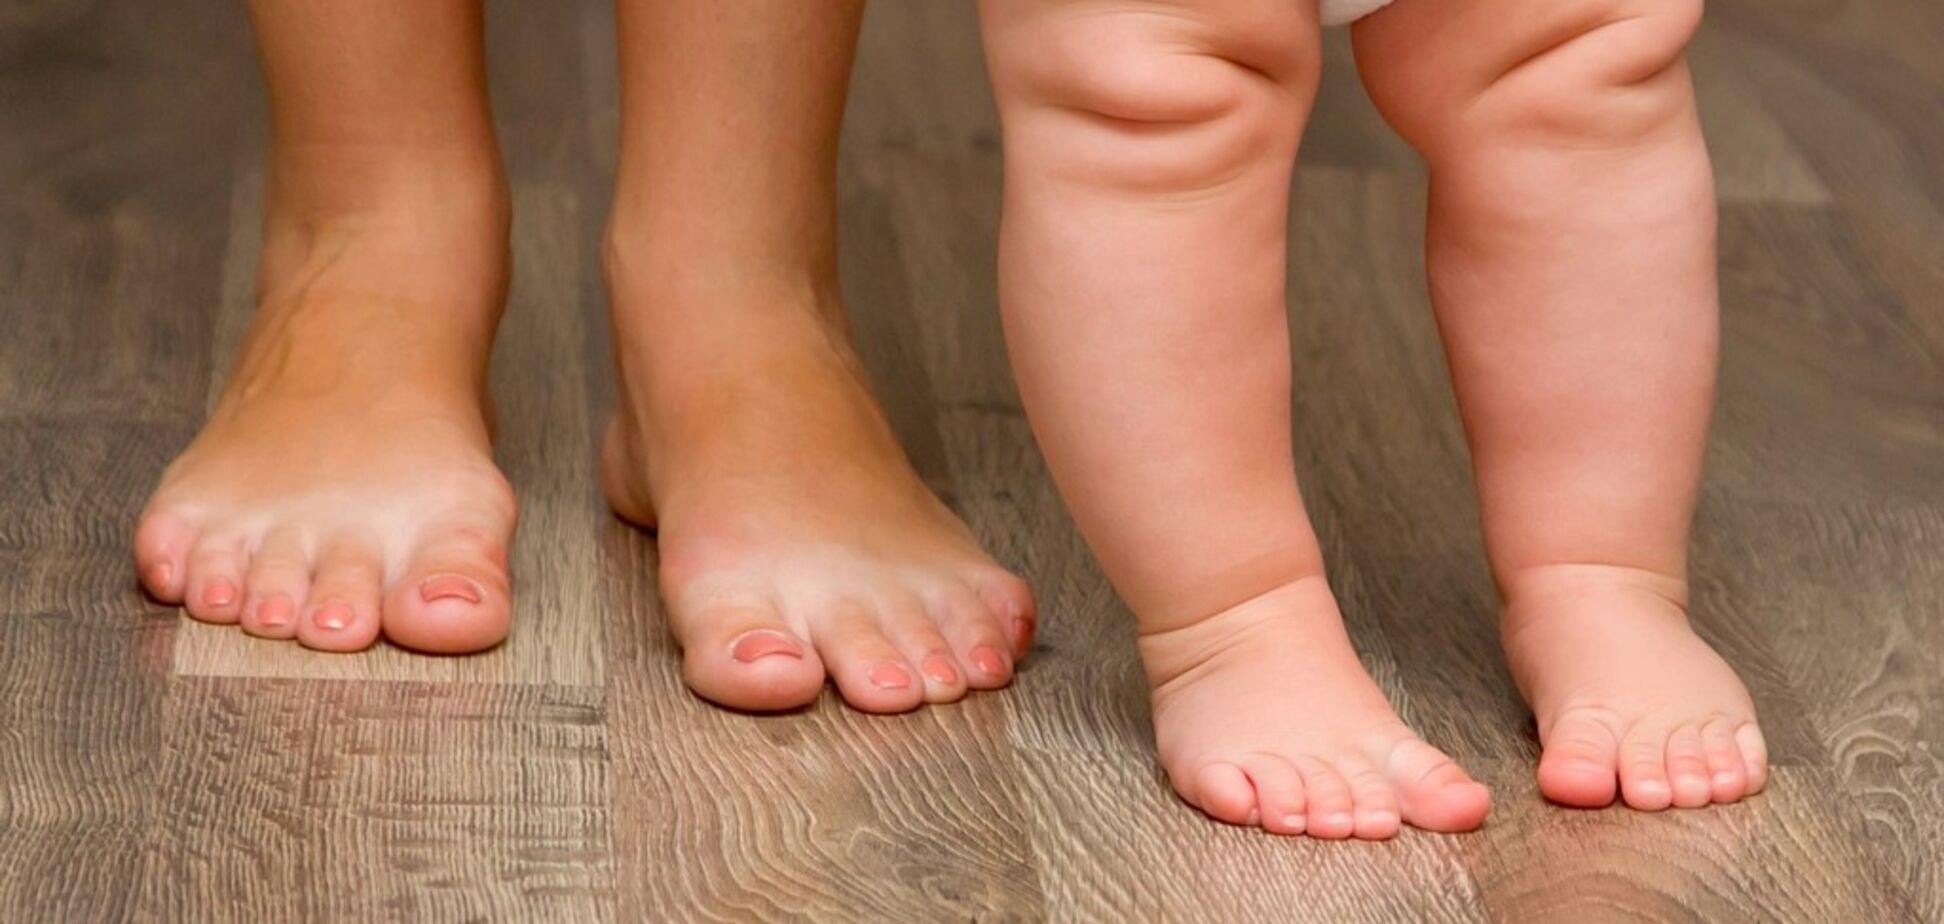 Здоровые стопы: опасная обувь